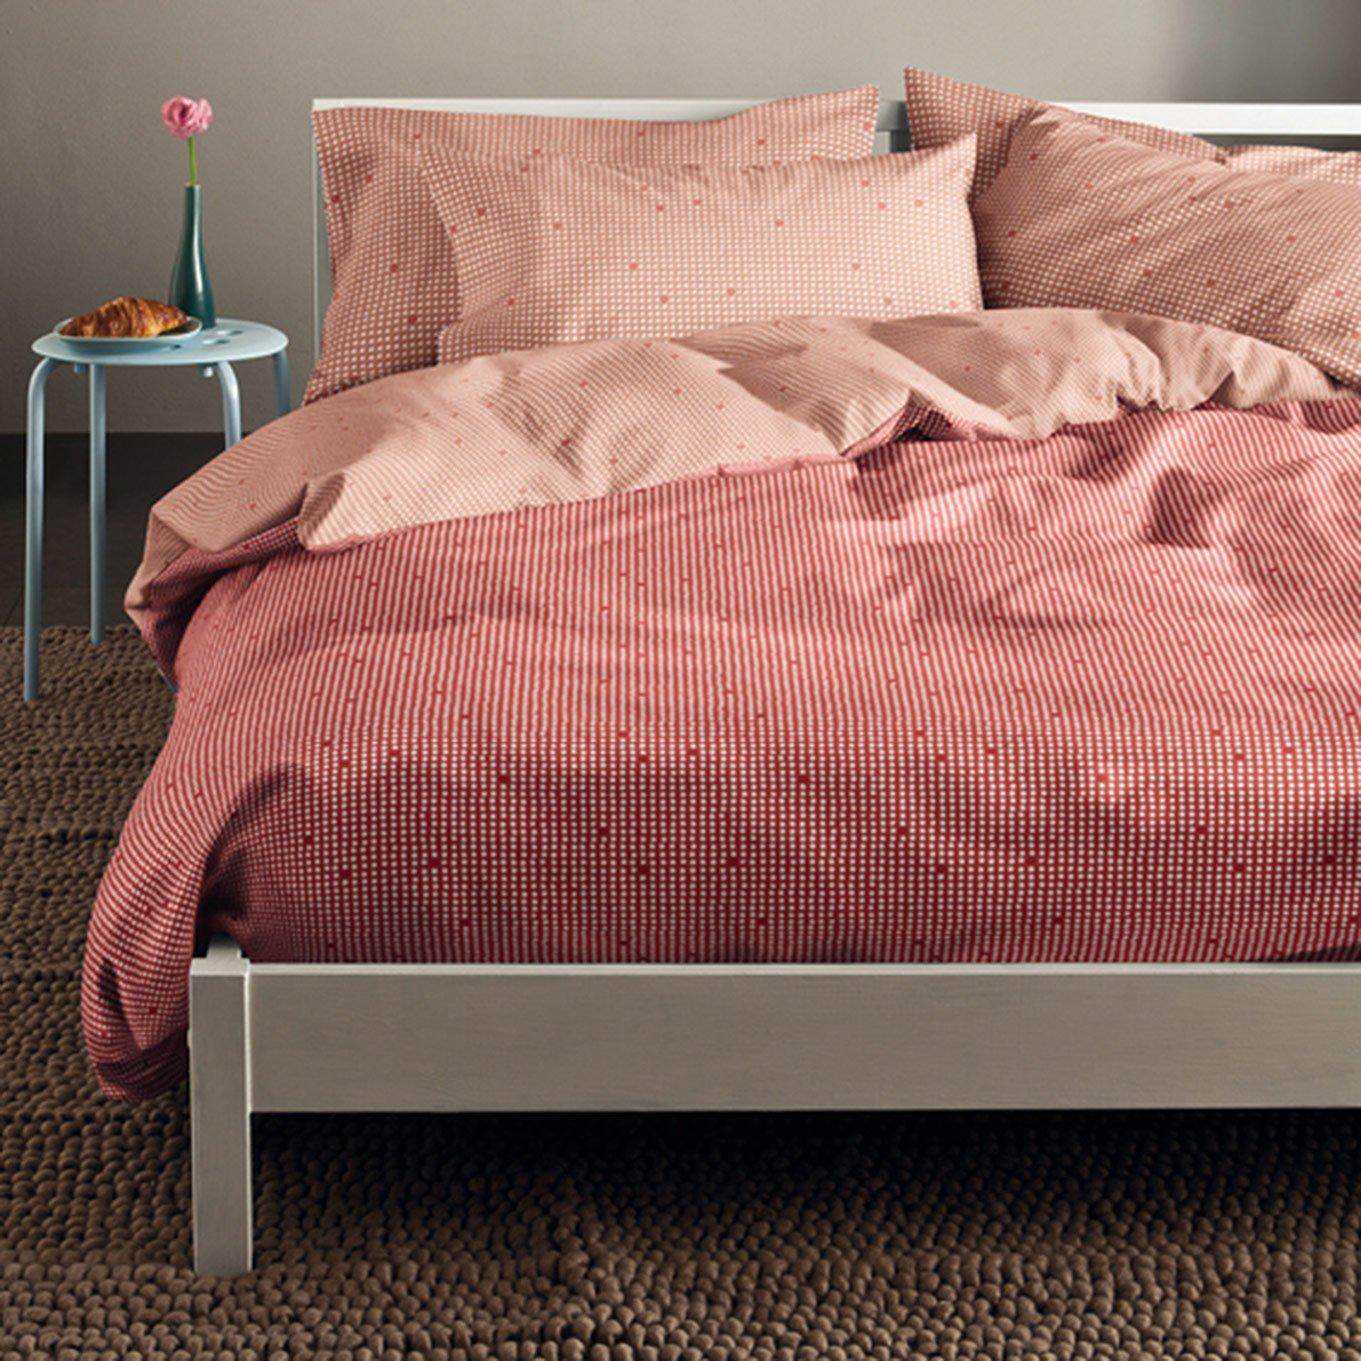 Biancheria per il letto cose di casa for Misure di un letto matrimoniale